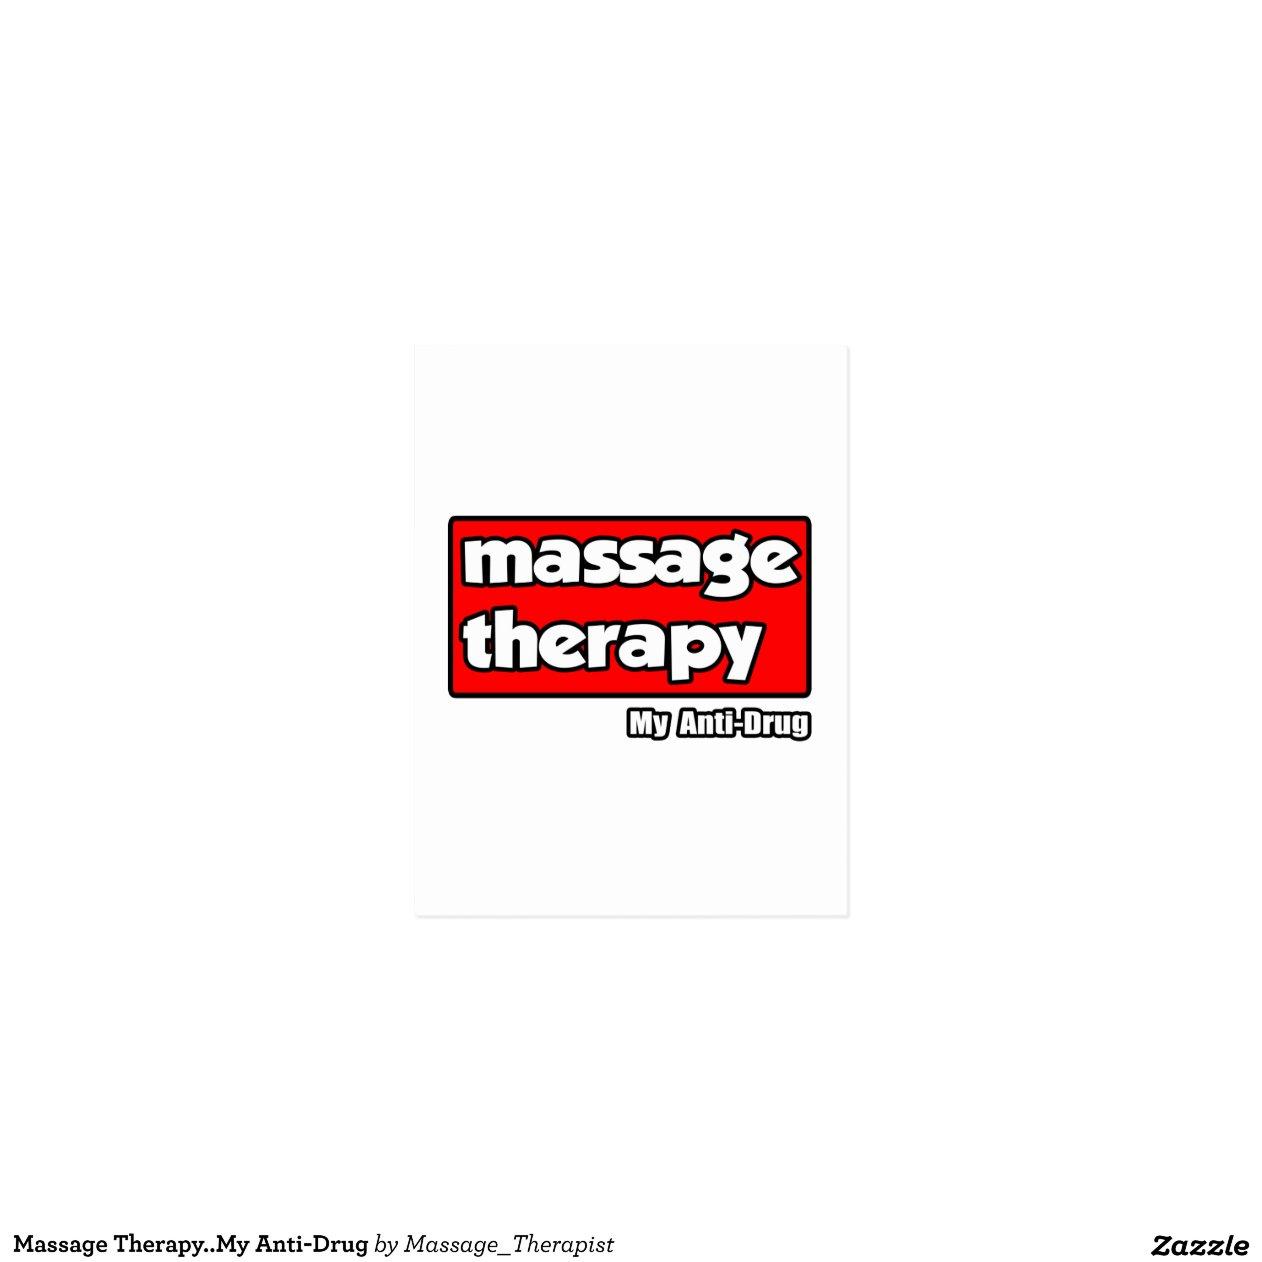 C skål massage 24-7